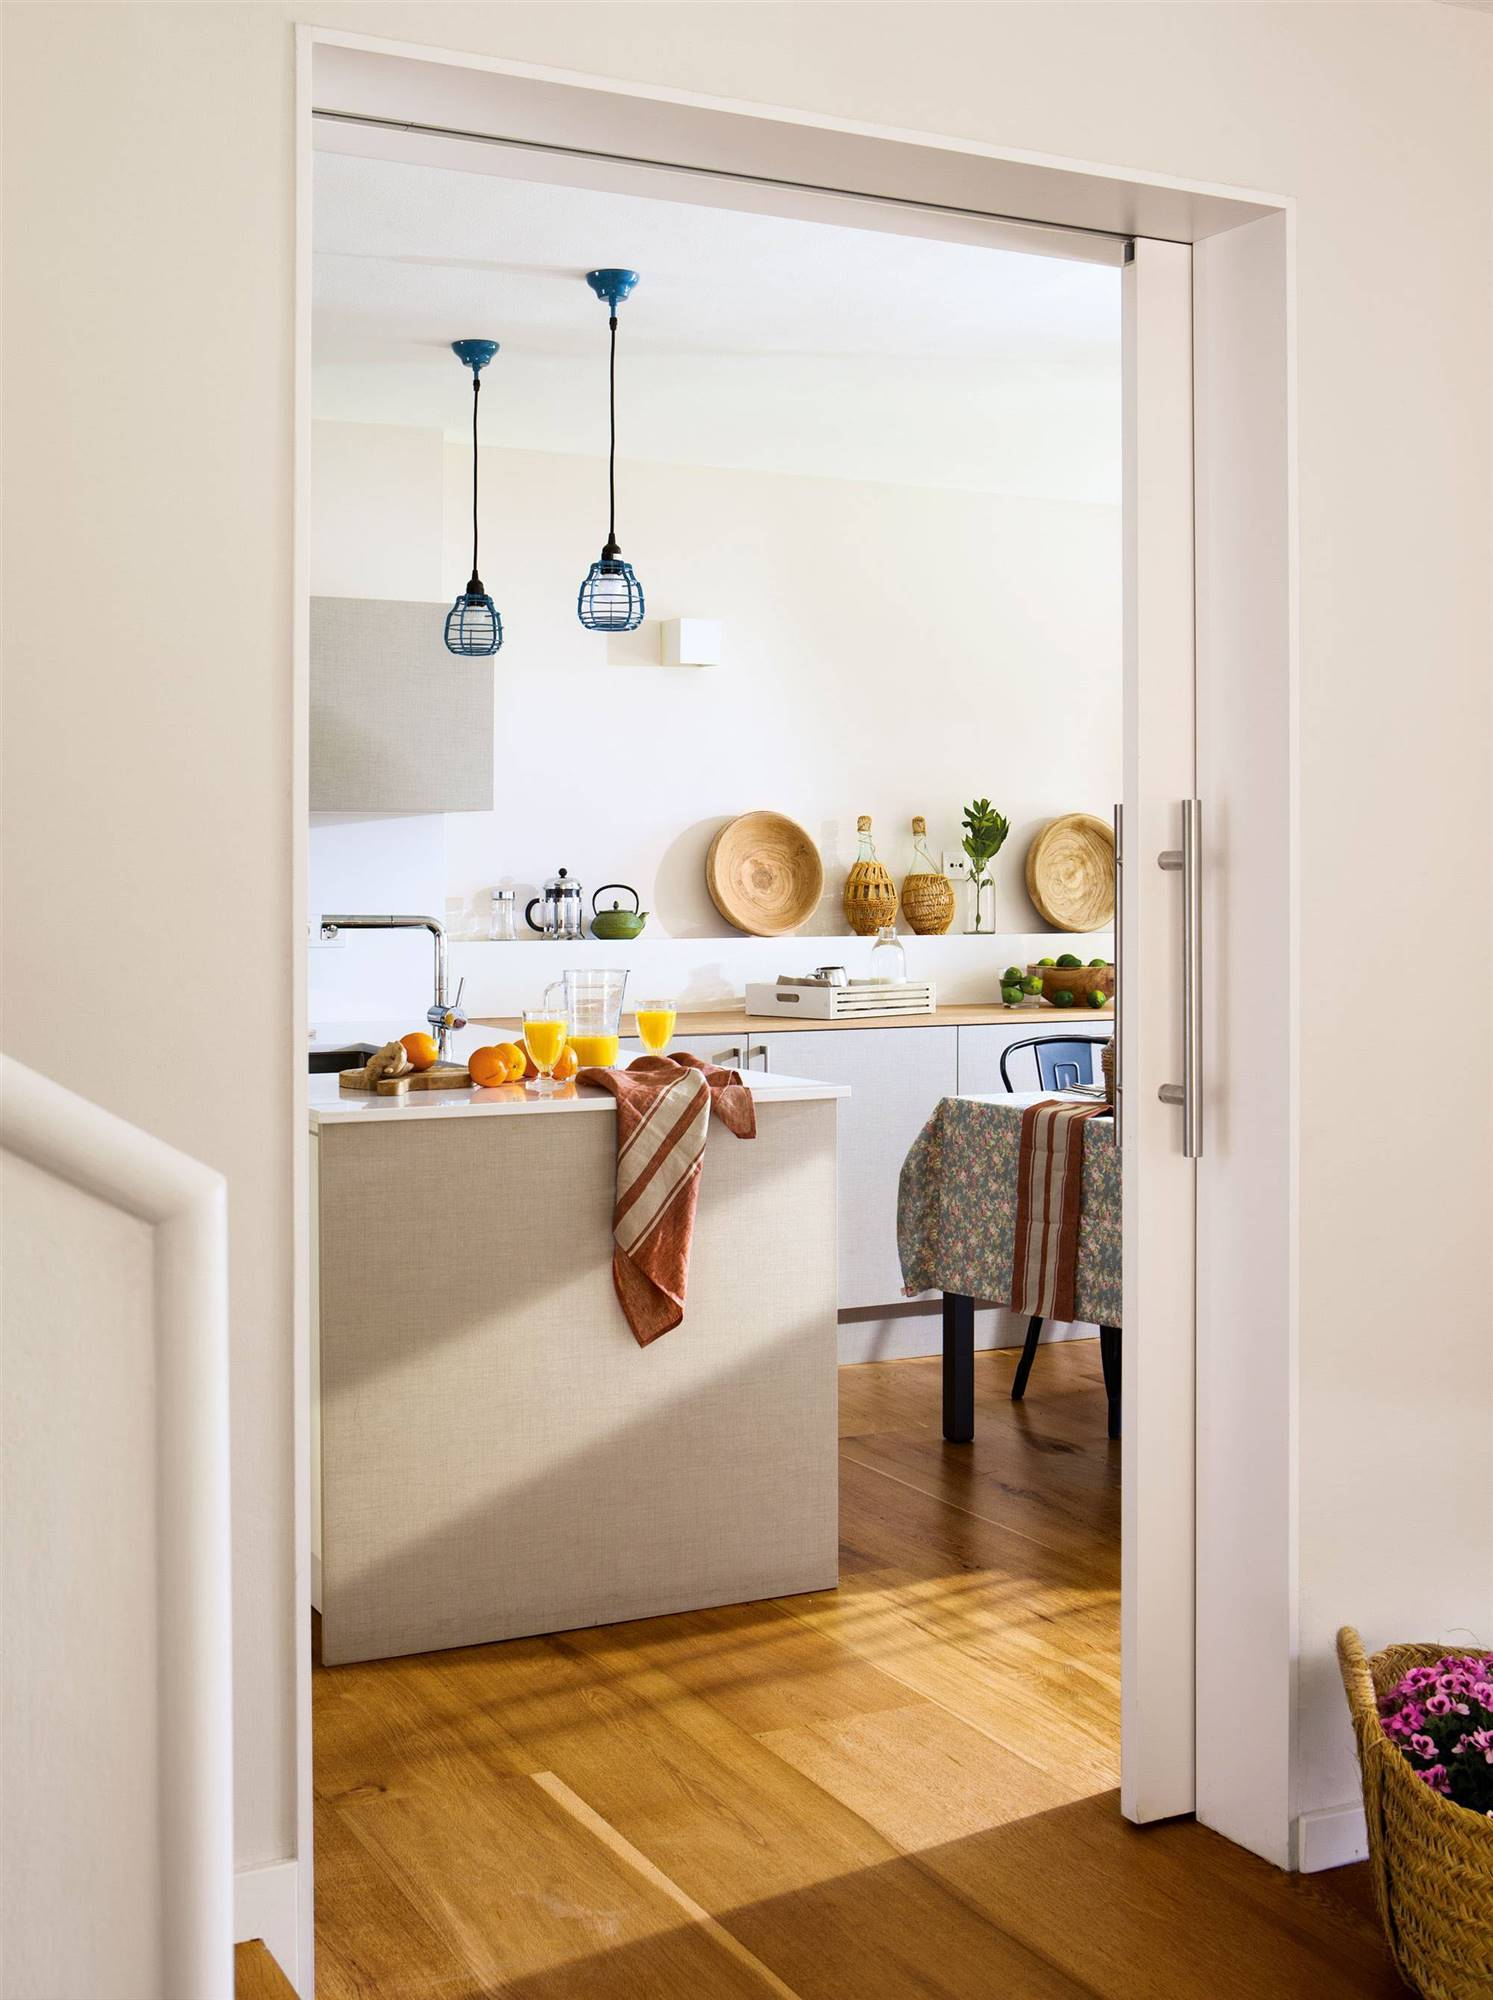 Cocina con puertas correderas cool puerta corredera for Puerta corredera cocina